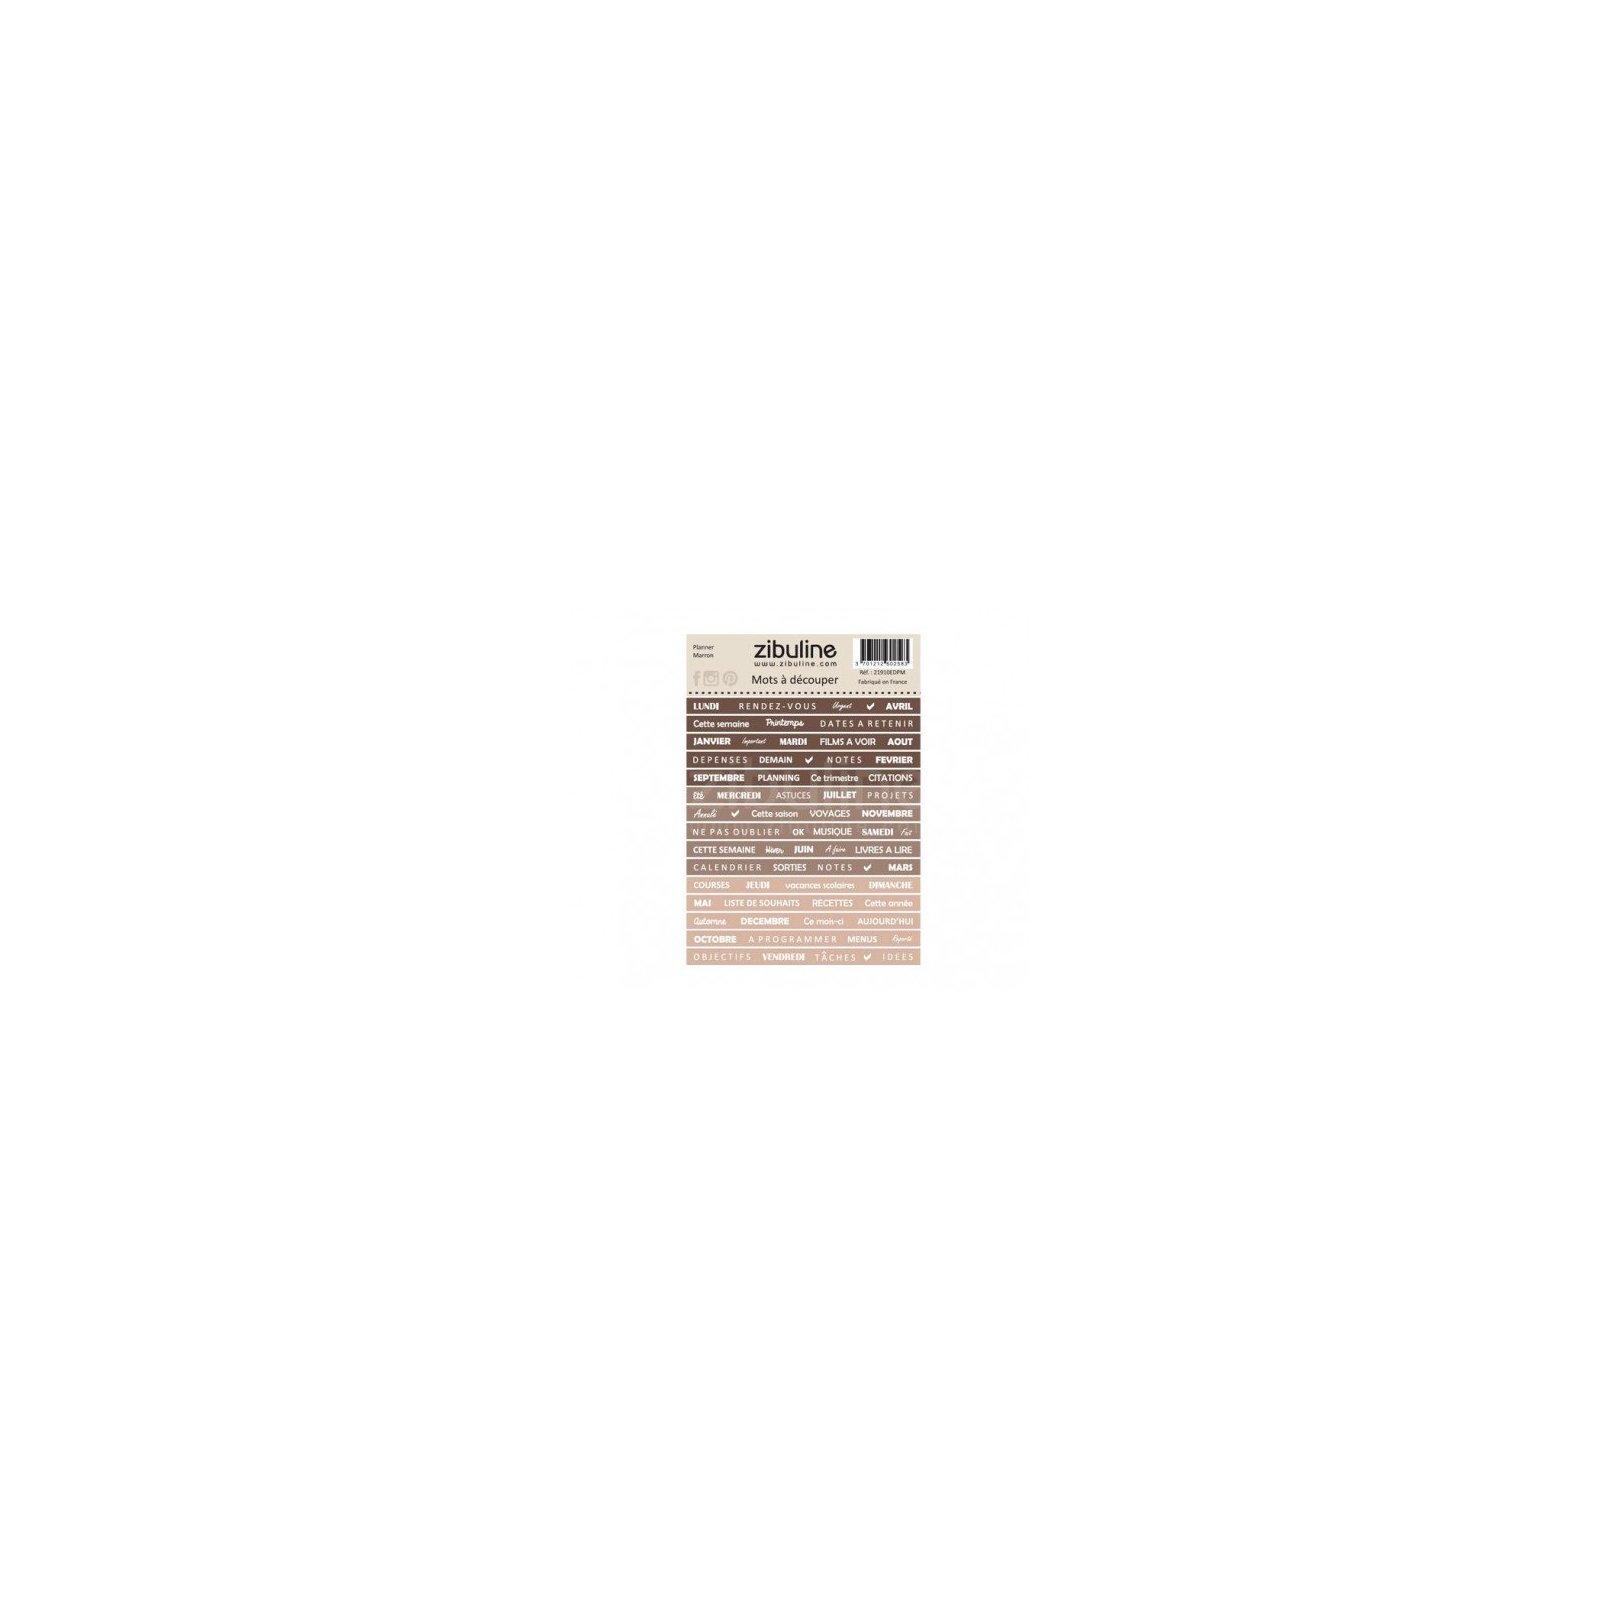 Planche de mots à découper - Planner - Marron - Zibuline